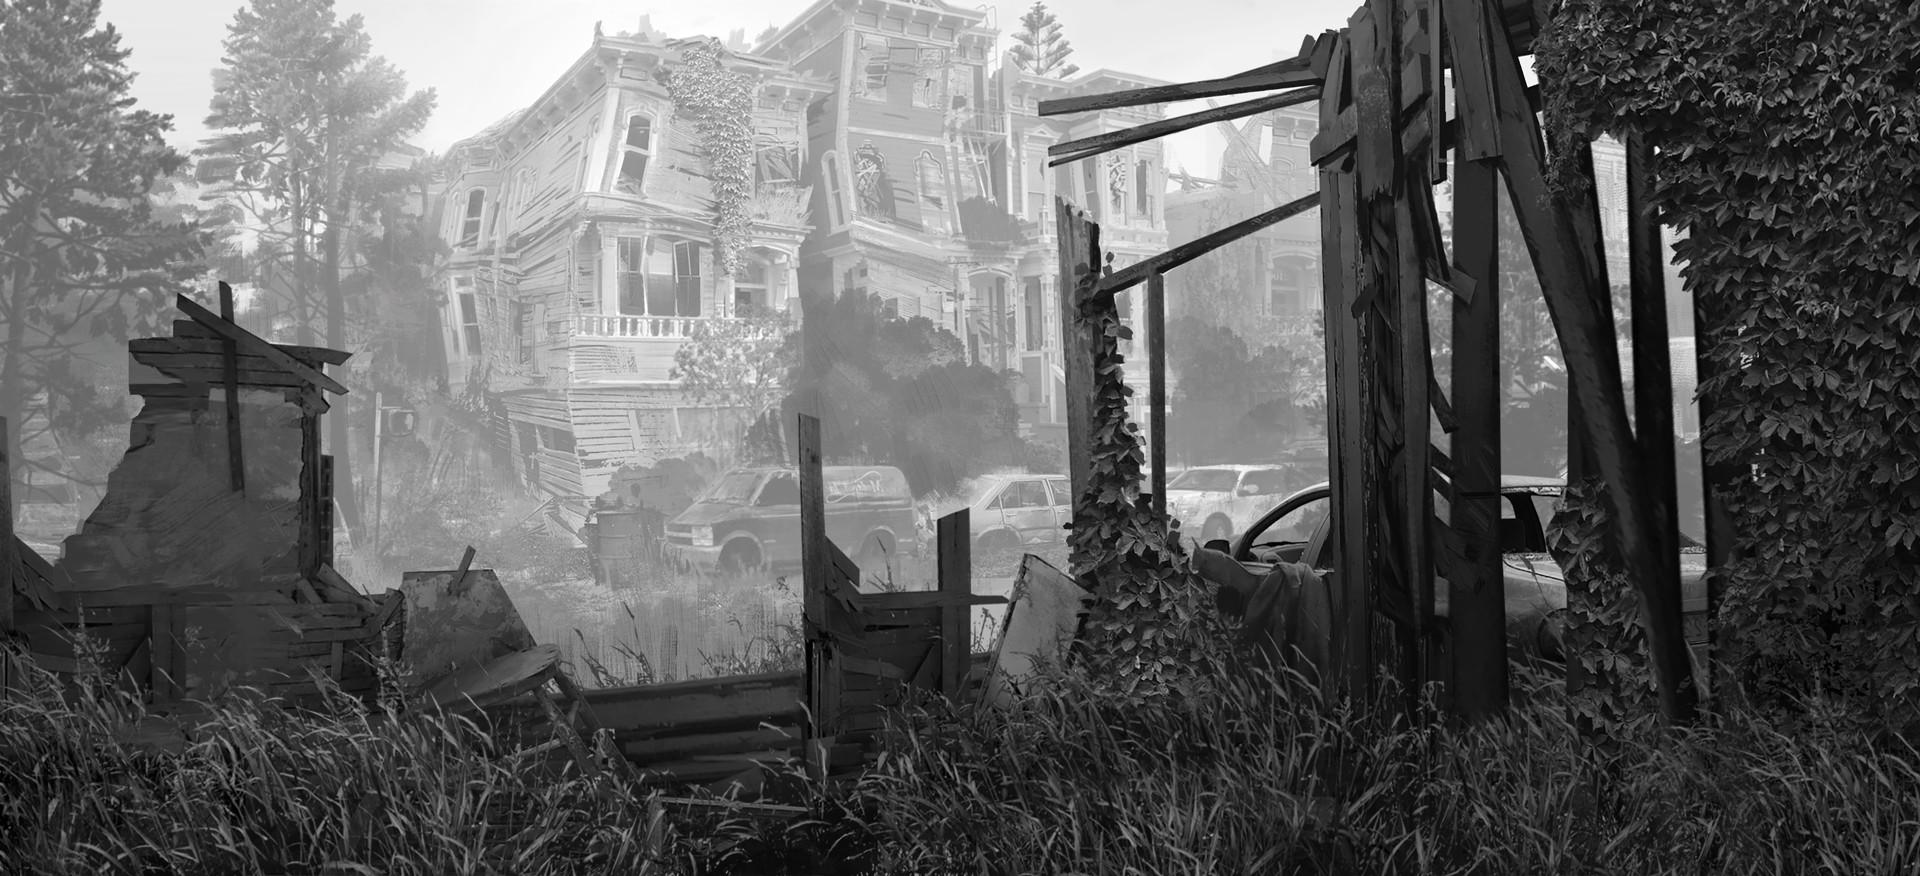 Joseph nickson city ruins 1 joseph nickson